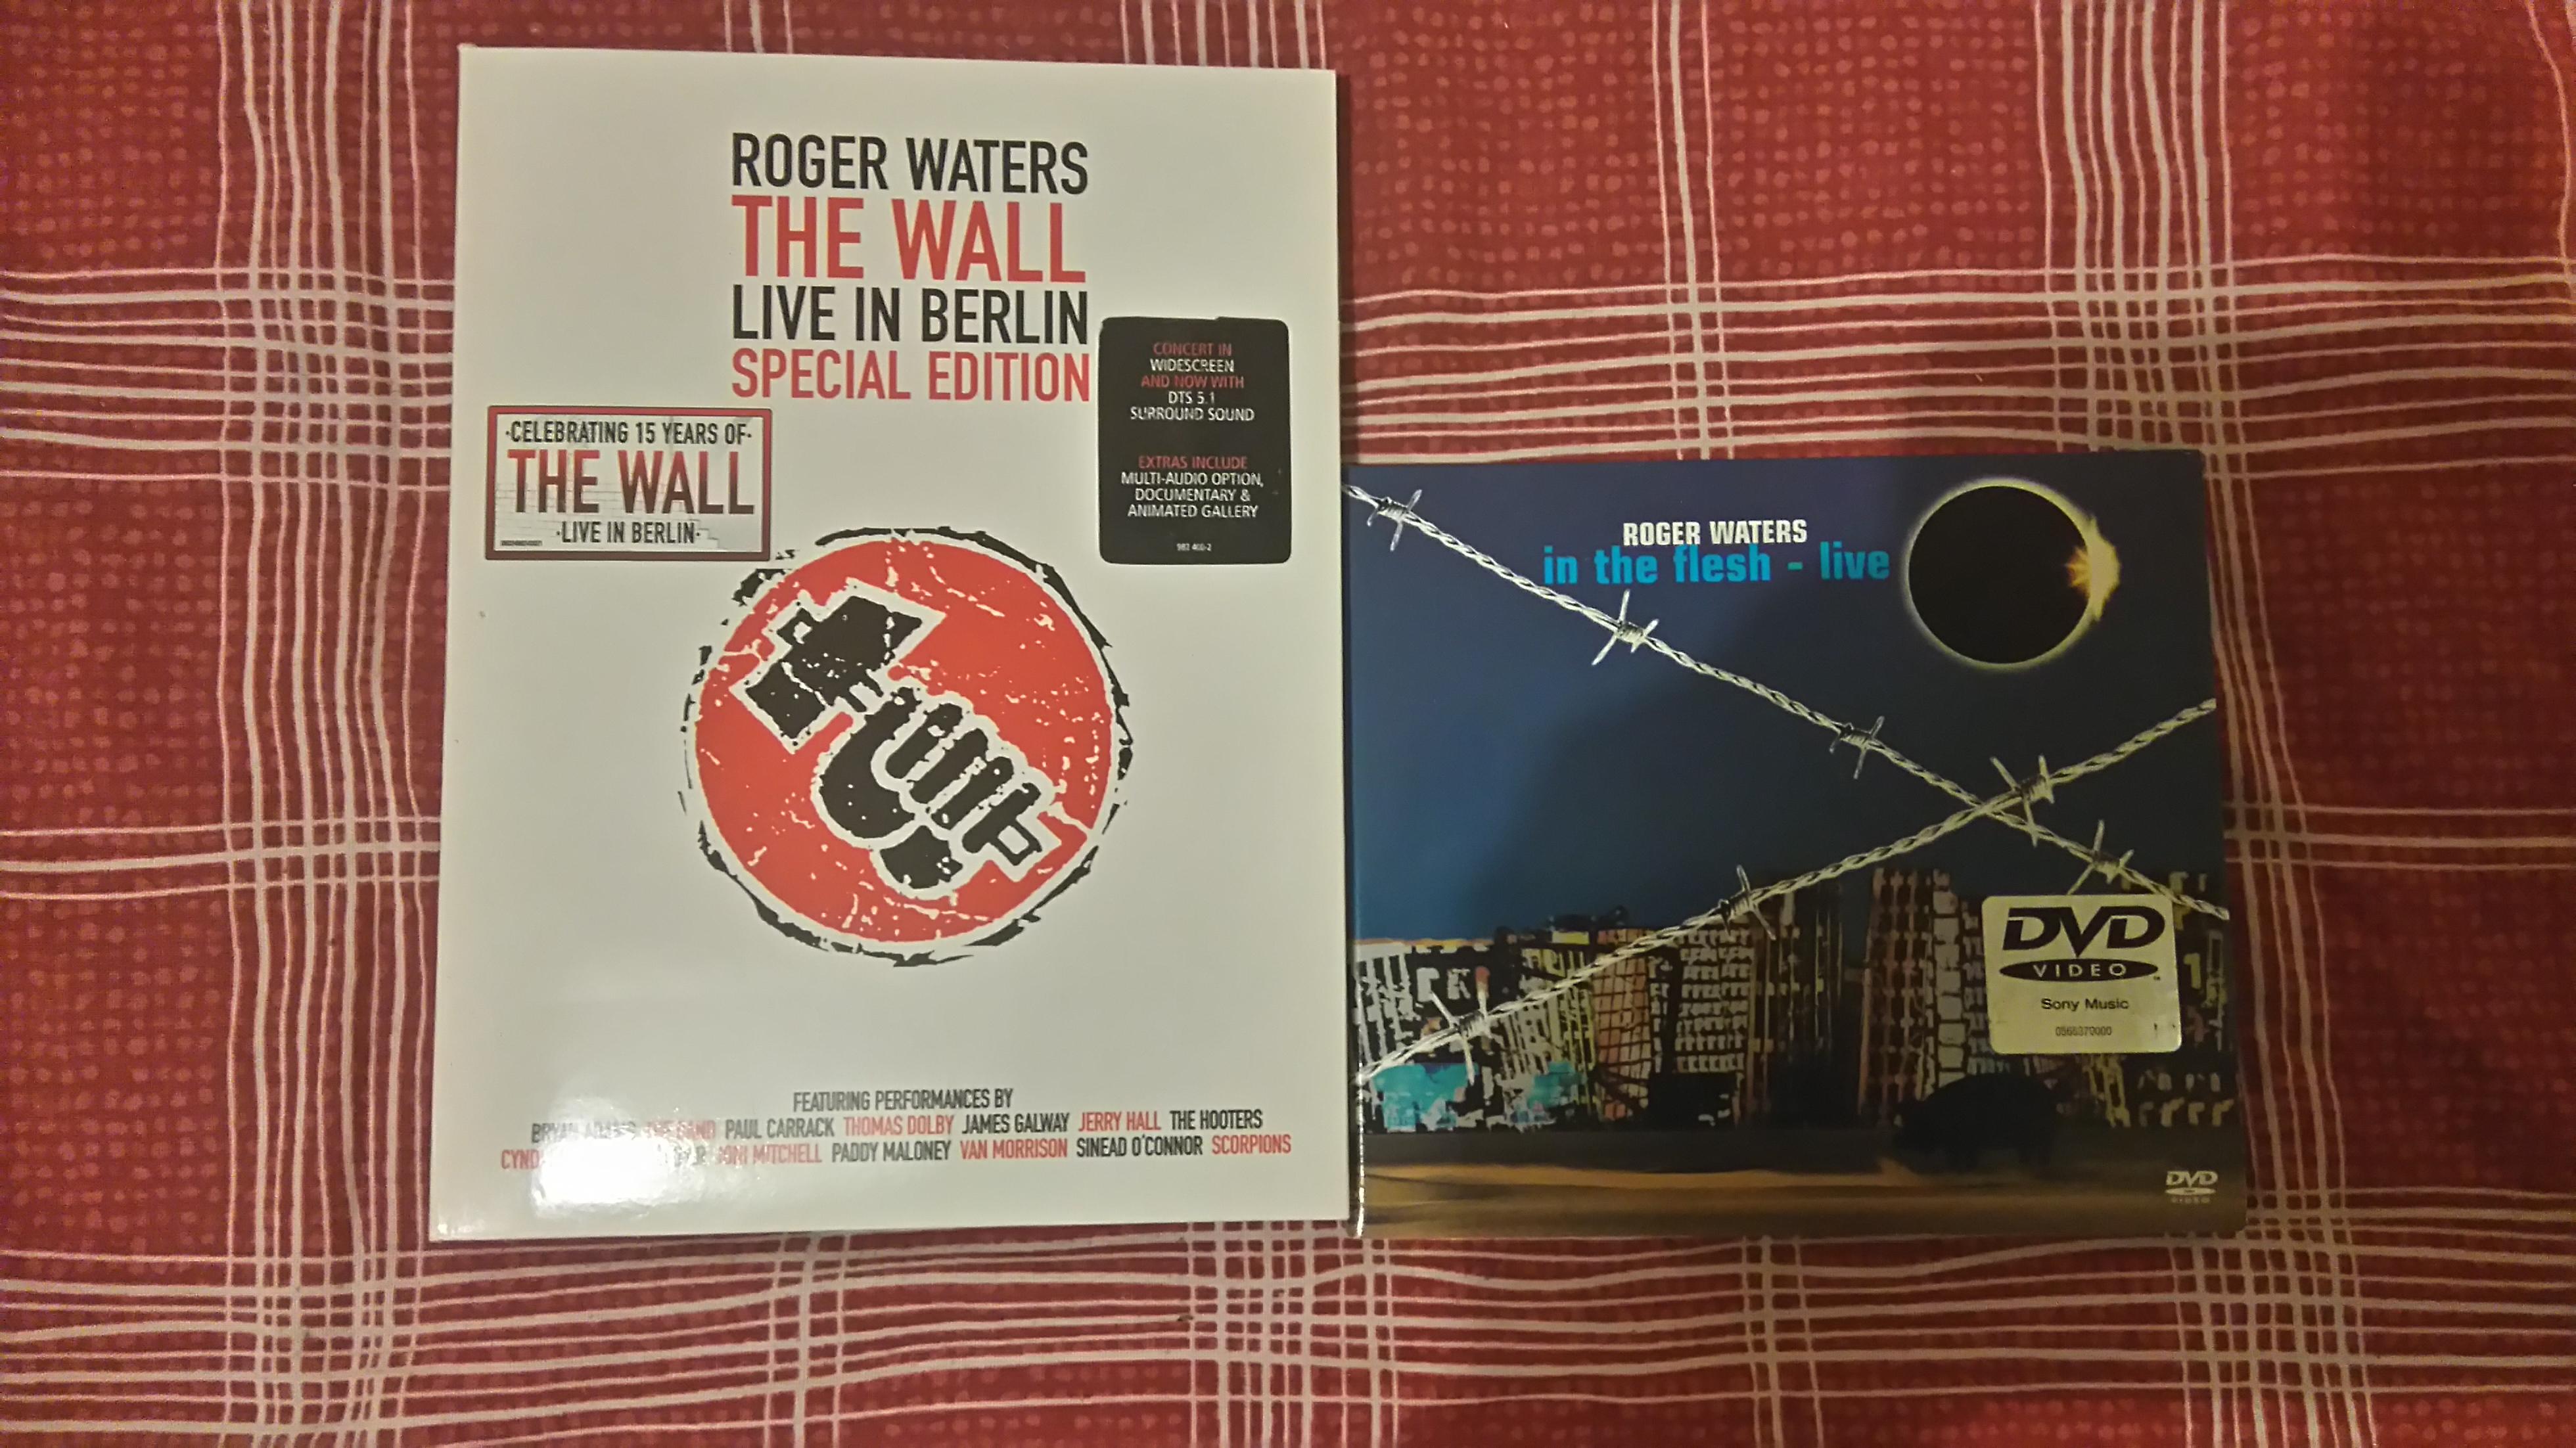 roger waters dvd.JPG